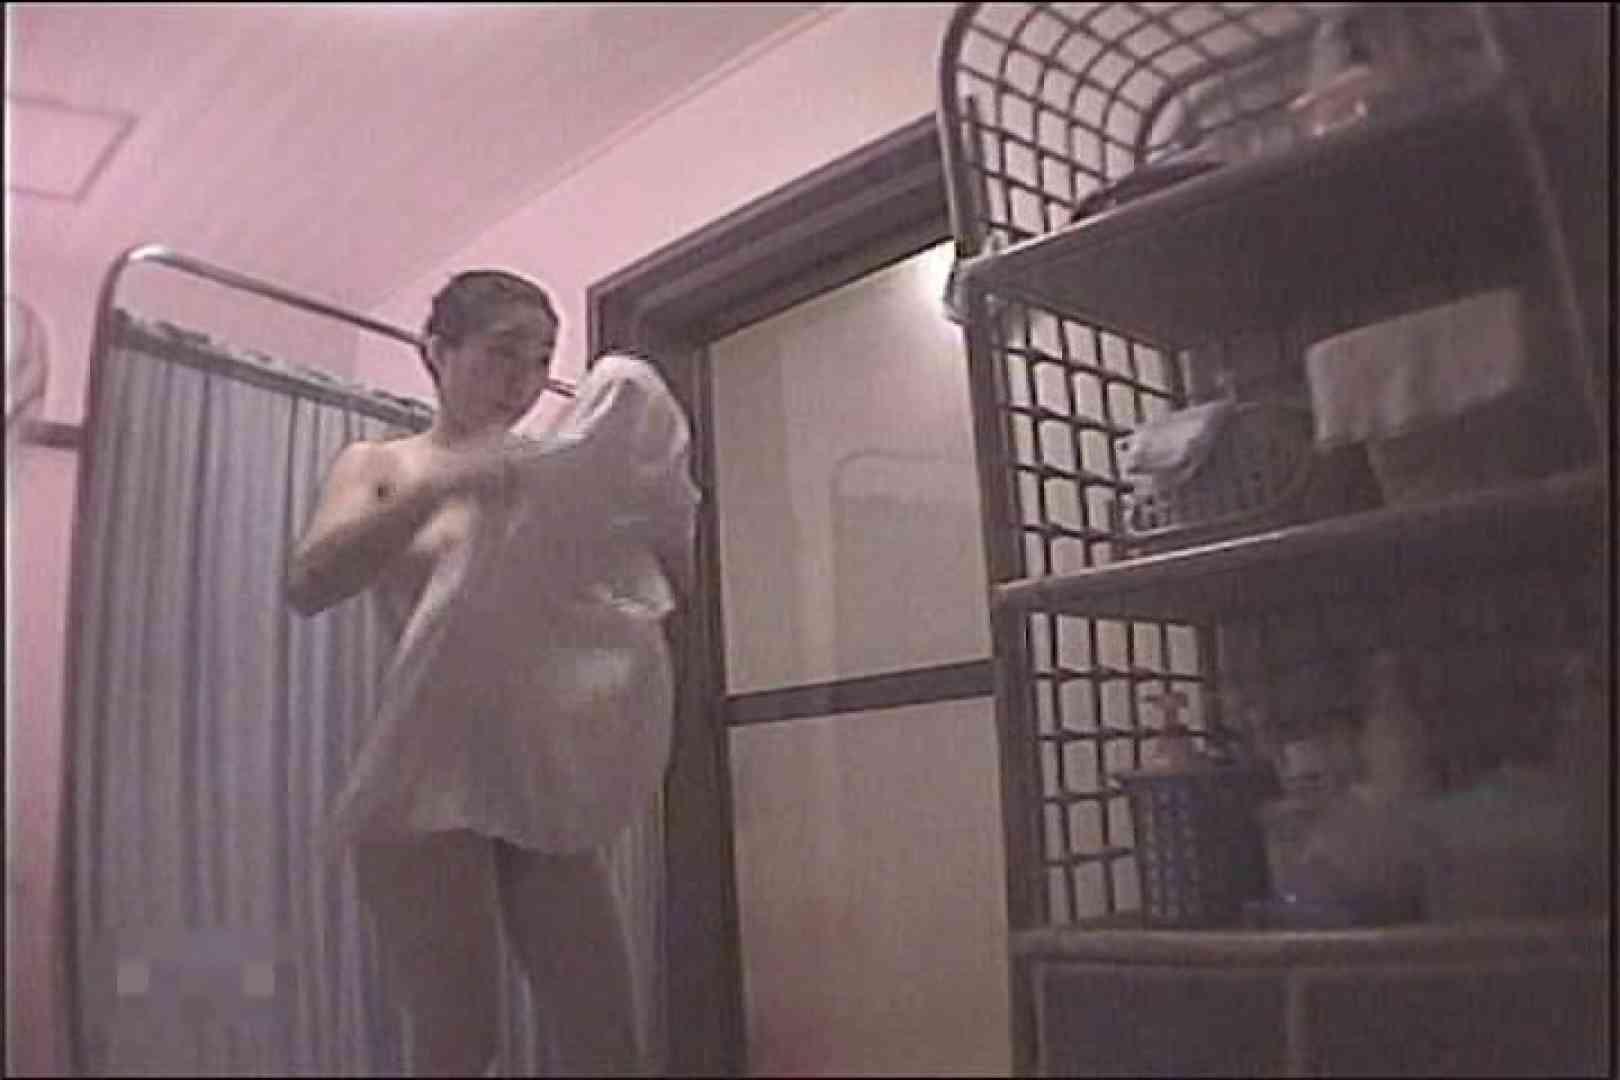 深夜の撮影会Vol.5 脱衣所の着替え オマンコ動画キャプチャ 60画像 46